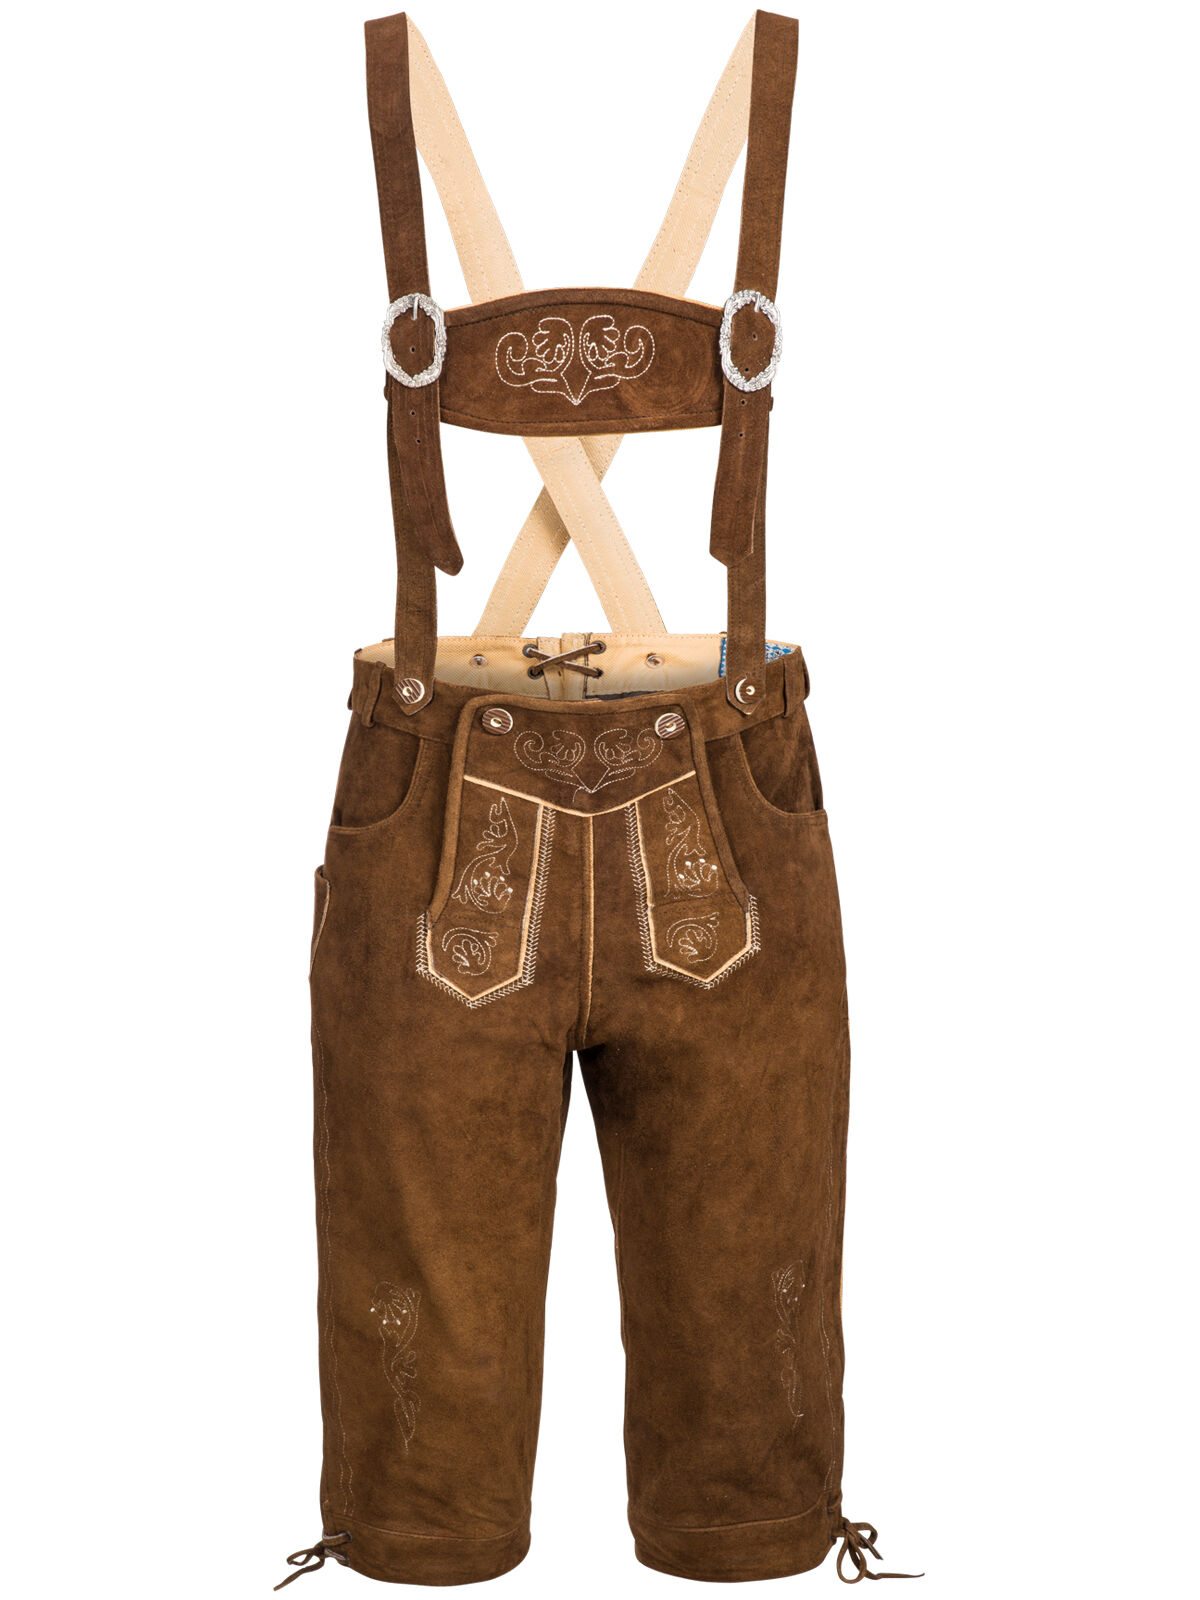 COSTUMES FOLKLORIQUES Set Messieurs Costumes Pantalon Cuir avec son Porteur costume Porteur son Chemise poche Oktoberfest 2fbfcc